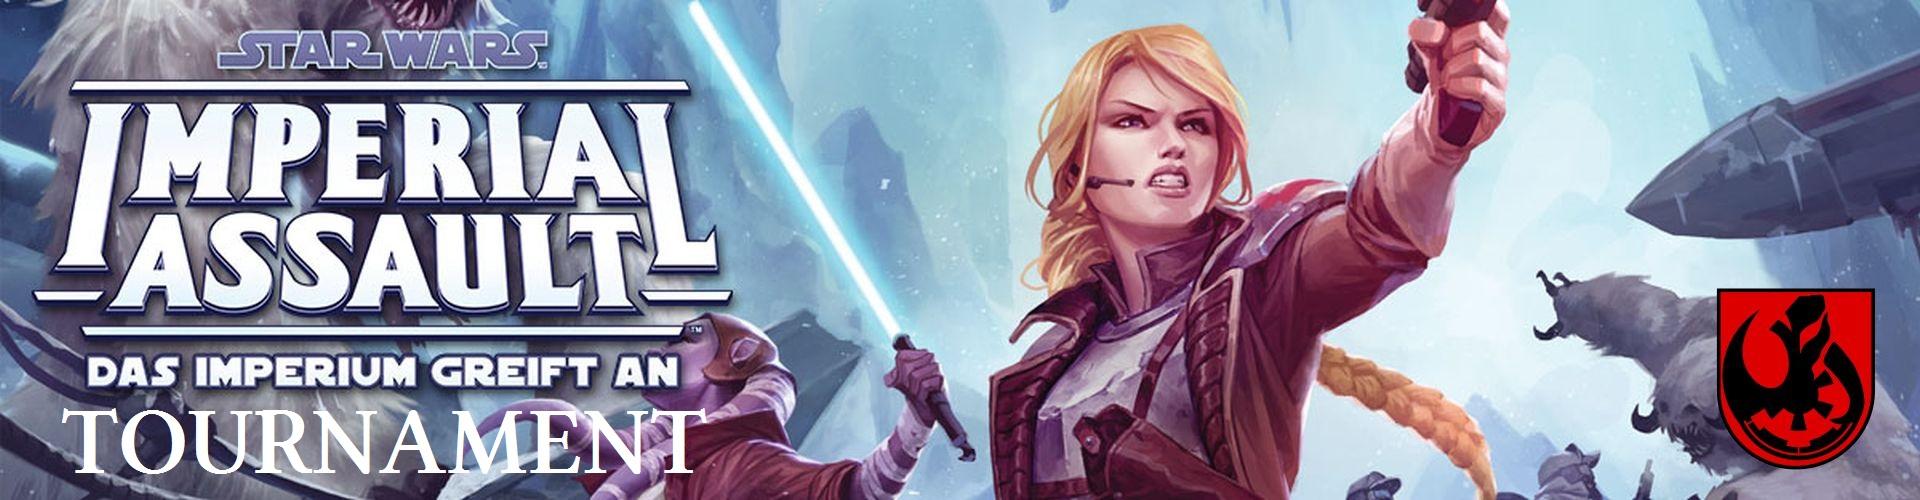 Imperial Assault Header - Turnier: STAR WARS Imperial Assault